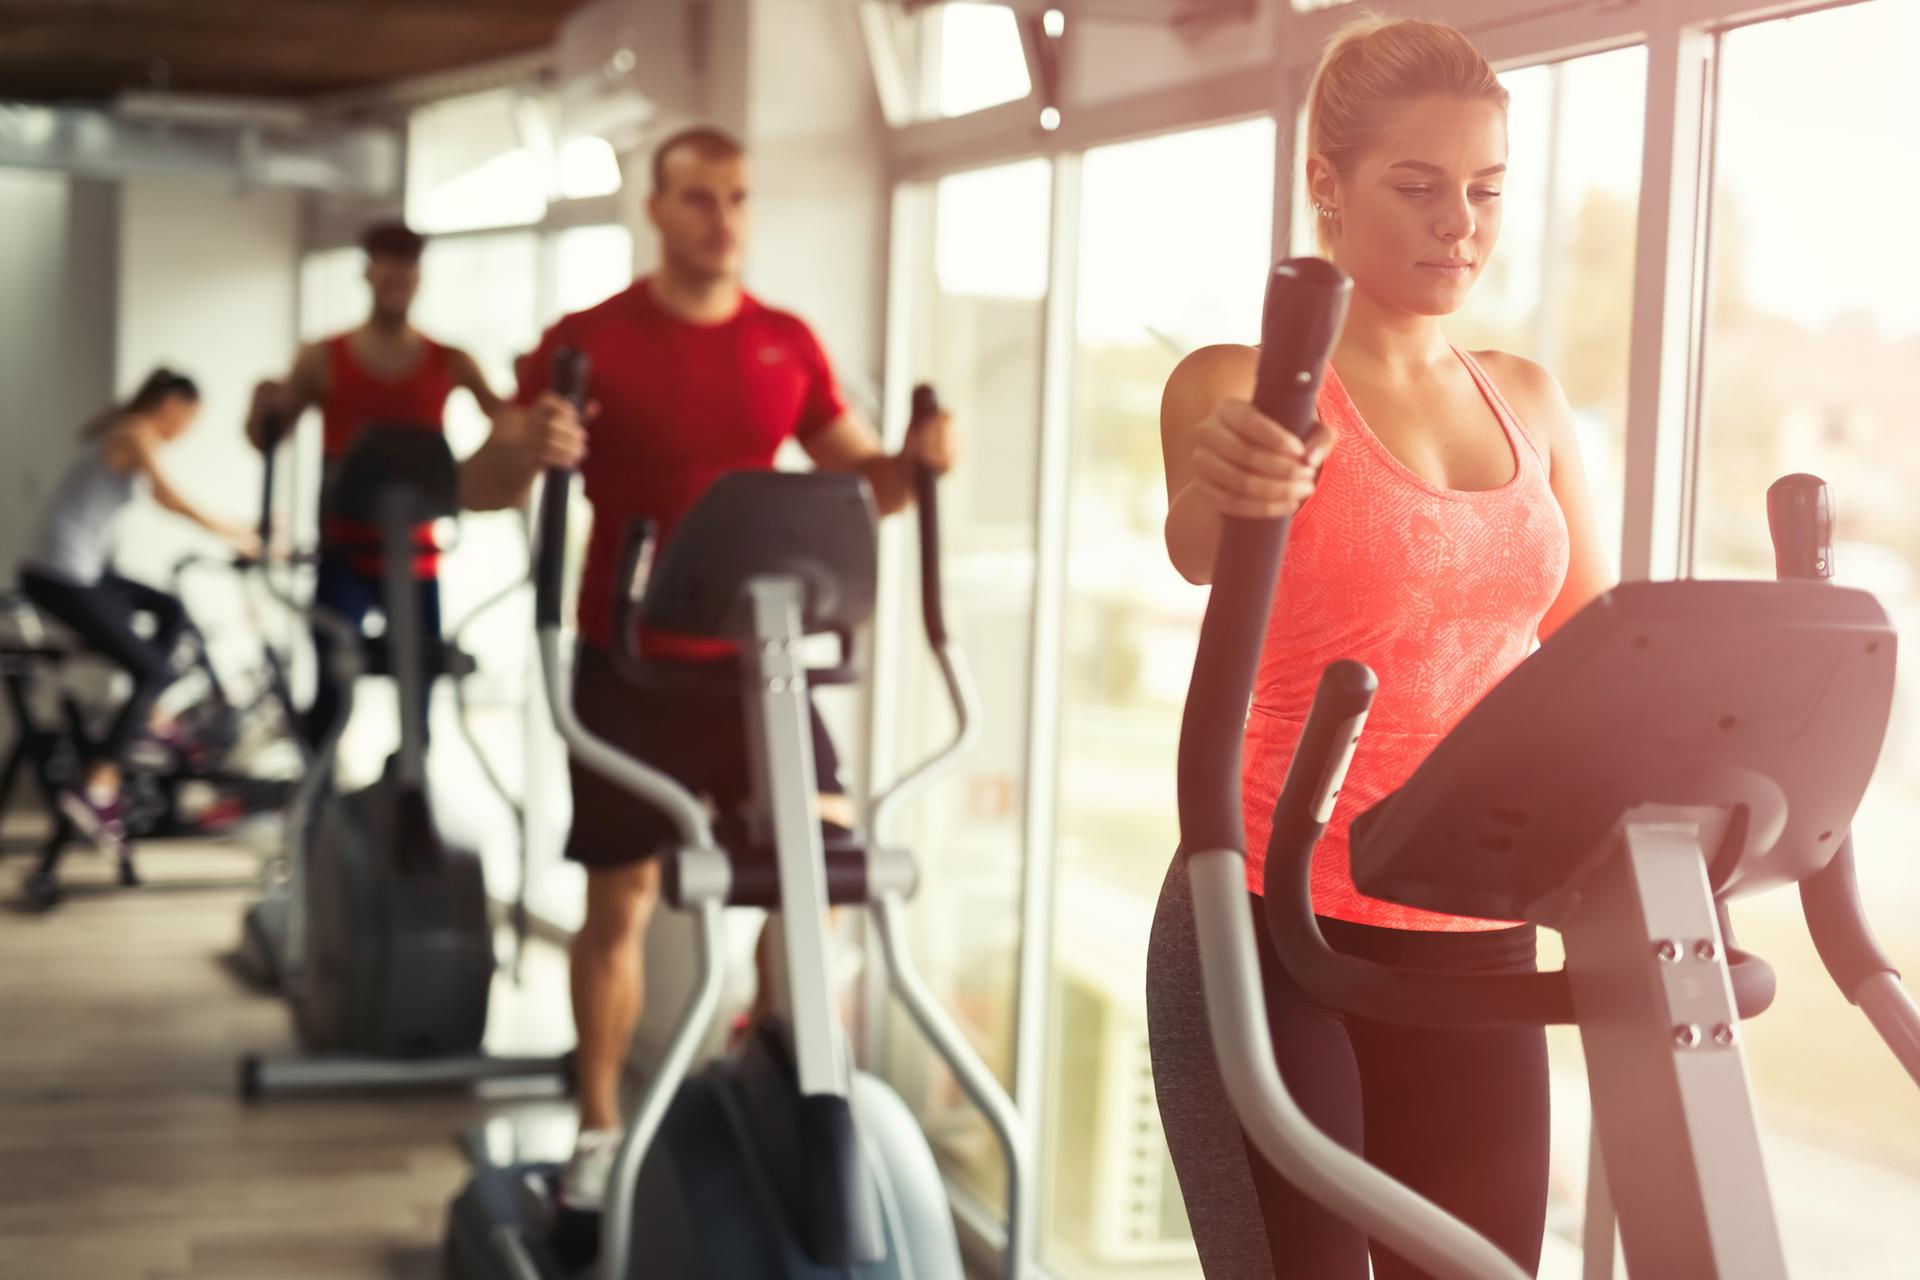 Ile można schudnąć w miesiąc ćwicząc na orbitreku